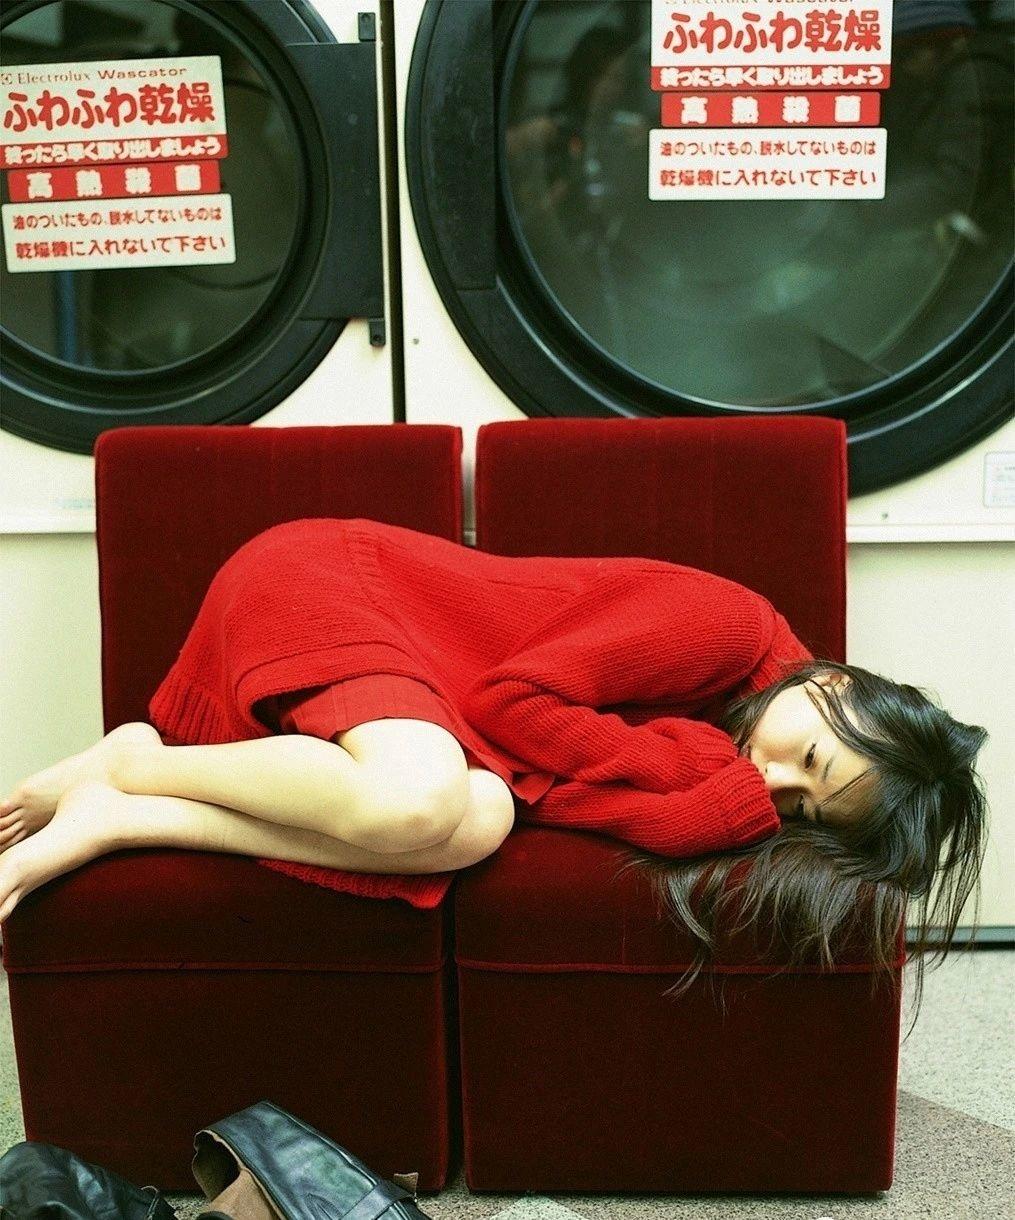 美的不可方物少女时代的户田惠梨香写真作品 (12)